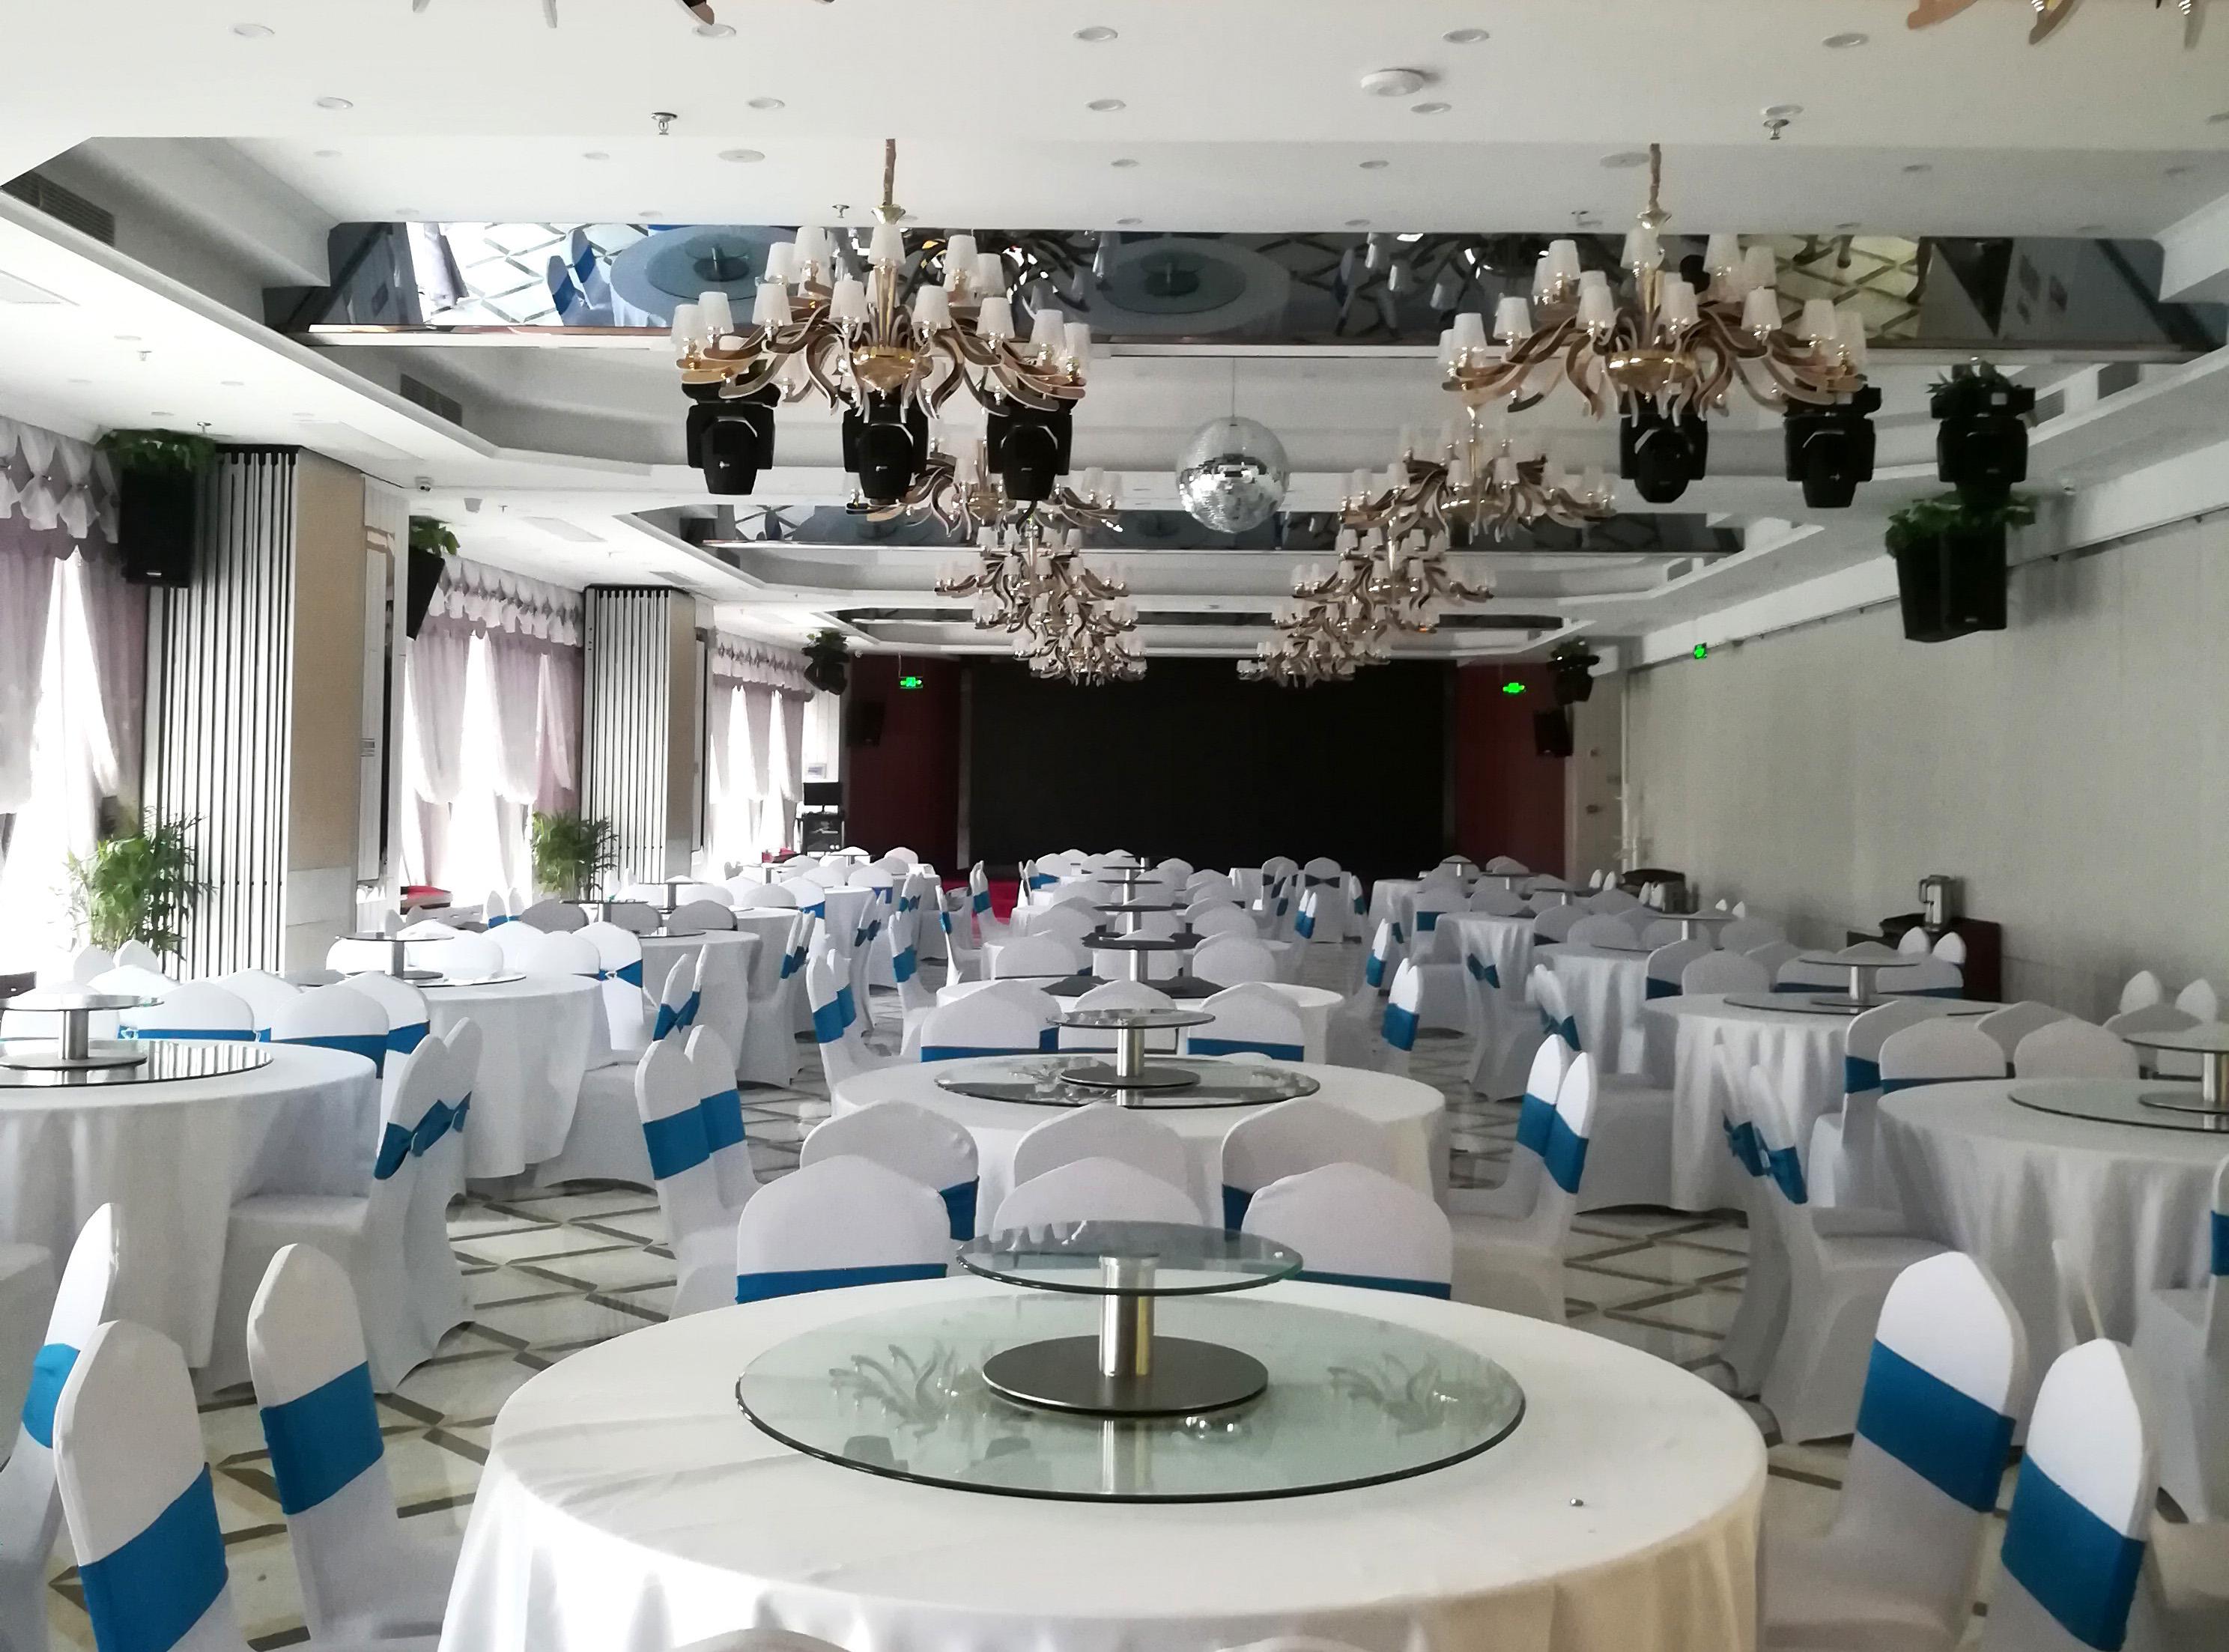 京邦电子(King-Bang)专业扩声系成功进驻南京浦口市民中心酒店宴会厅